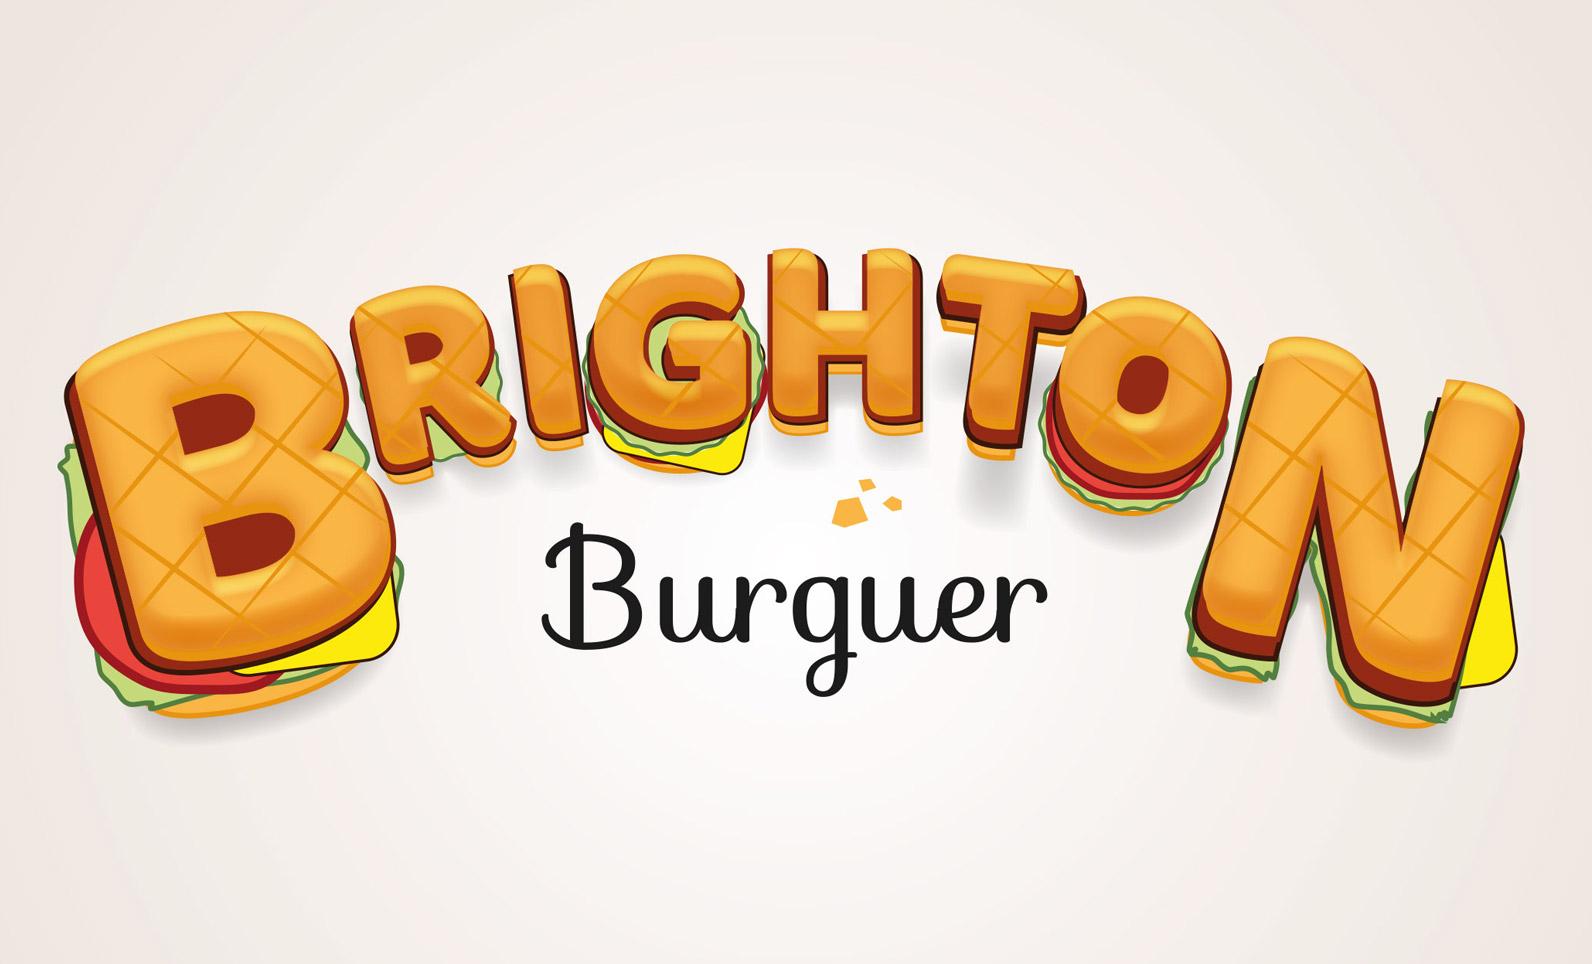 Burguer Brighton